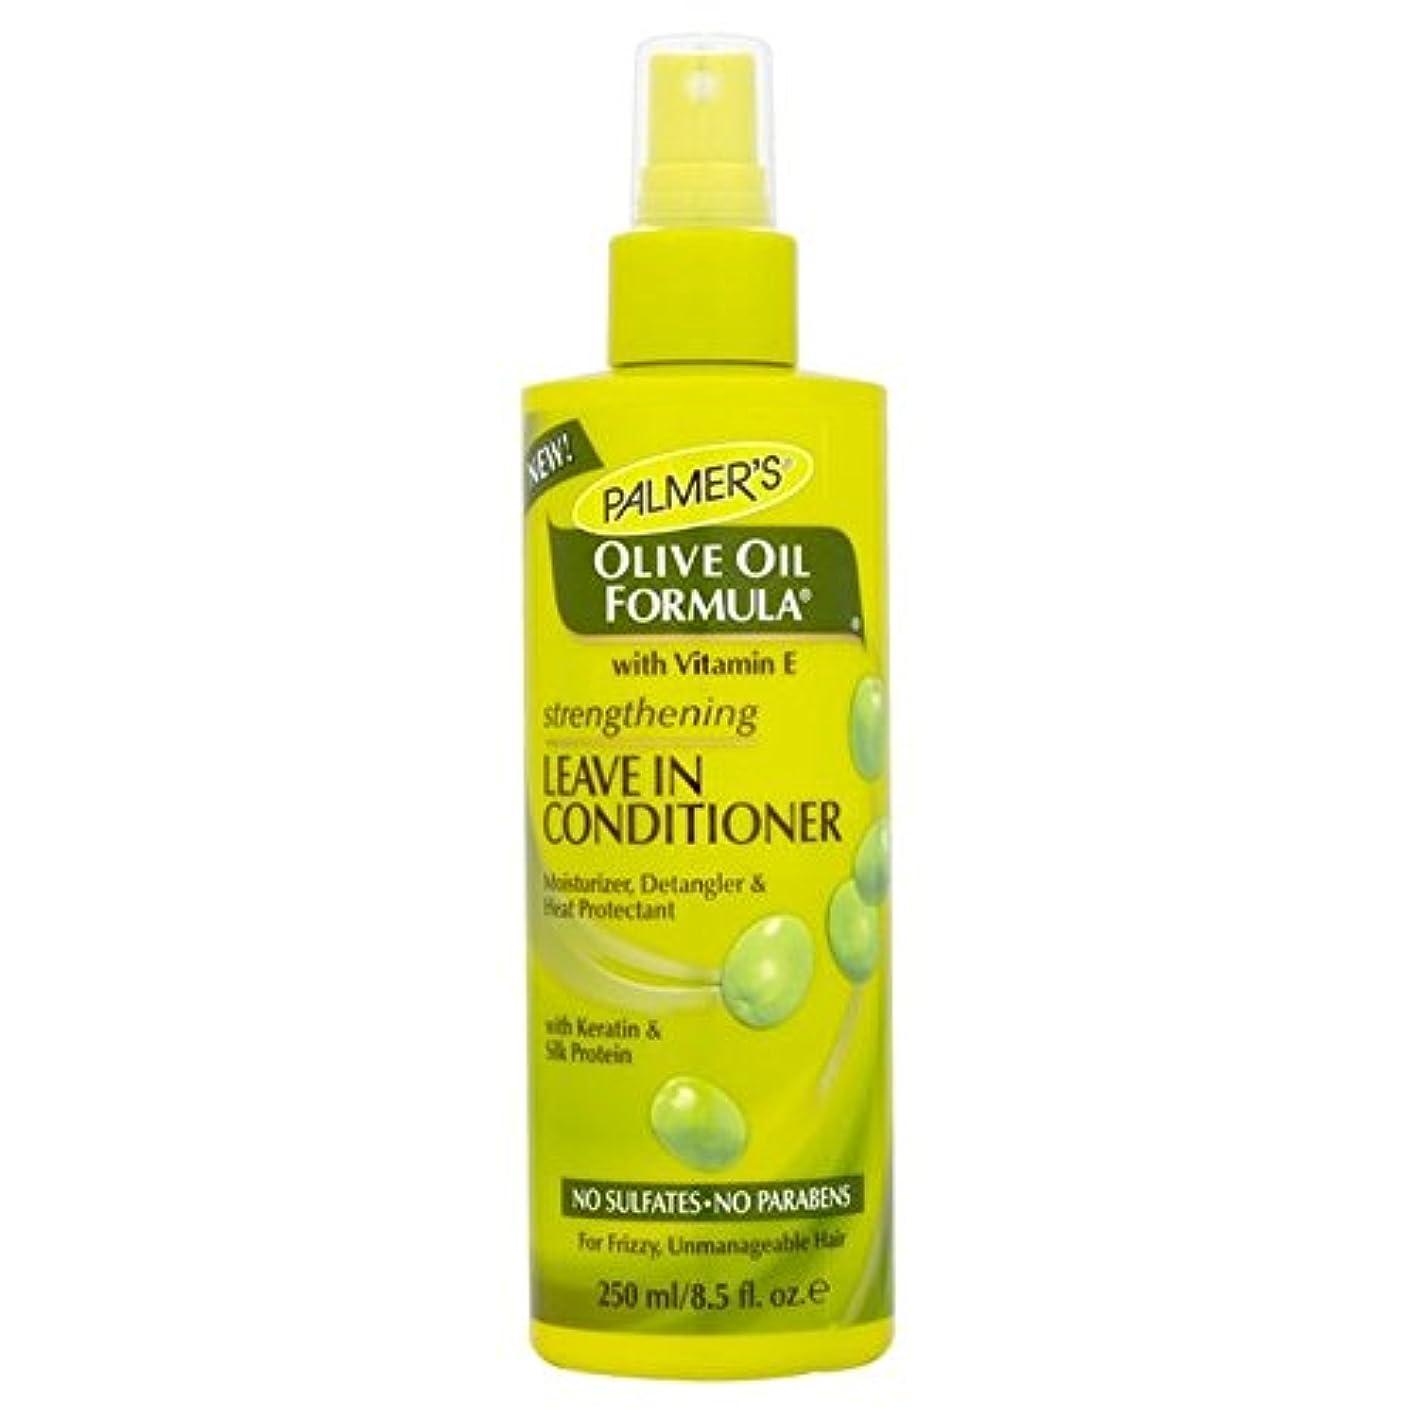 説教代名詞有名Palmer's Olive Oil Formula Strengthening Leave-in Conditioner 250ml - リーブインコンディショナー250を強化パーマーのオリーブオイル式 [並行輸入品]